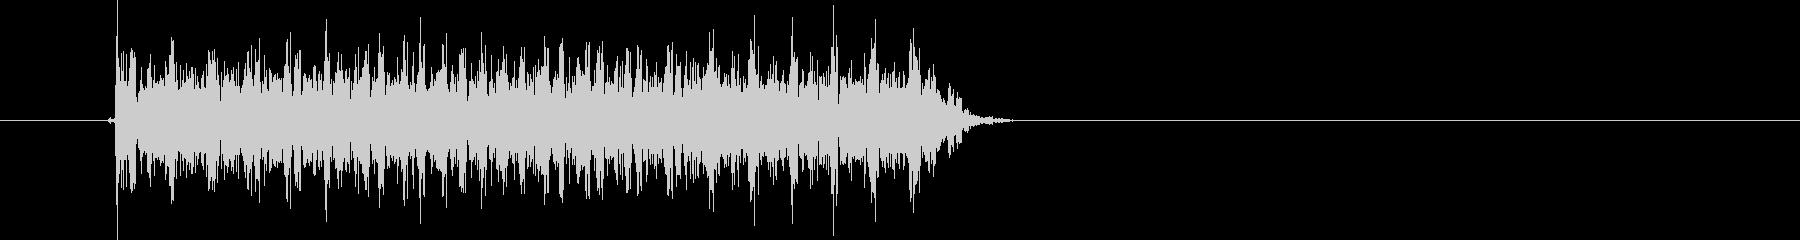 シュルシュル(宇宙、落下、回転)の未再生の波形